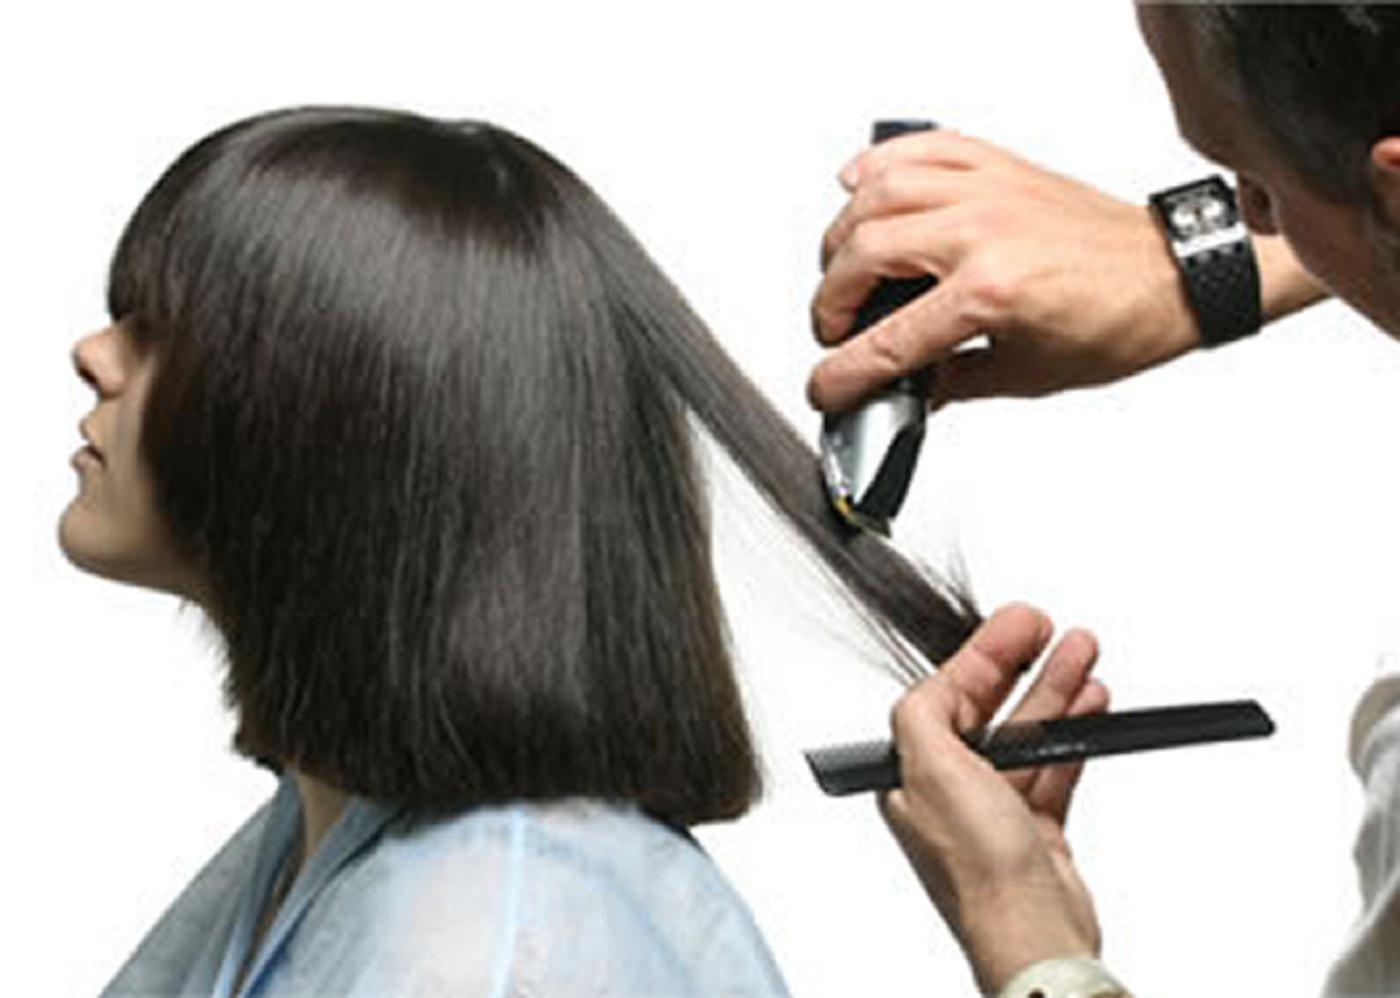 К Чему Снится Вырывание Волос?